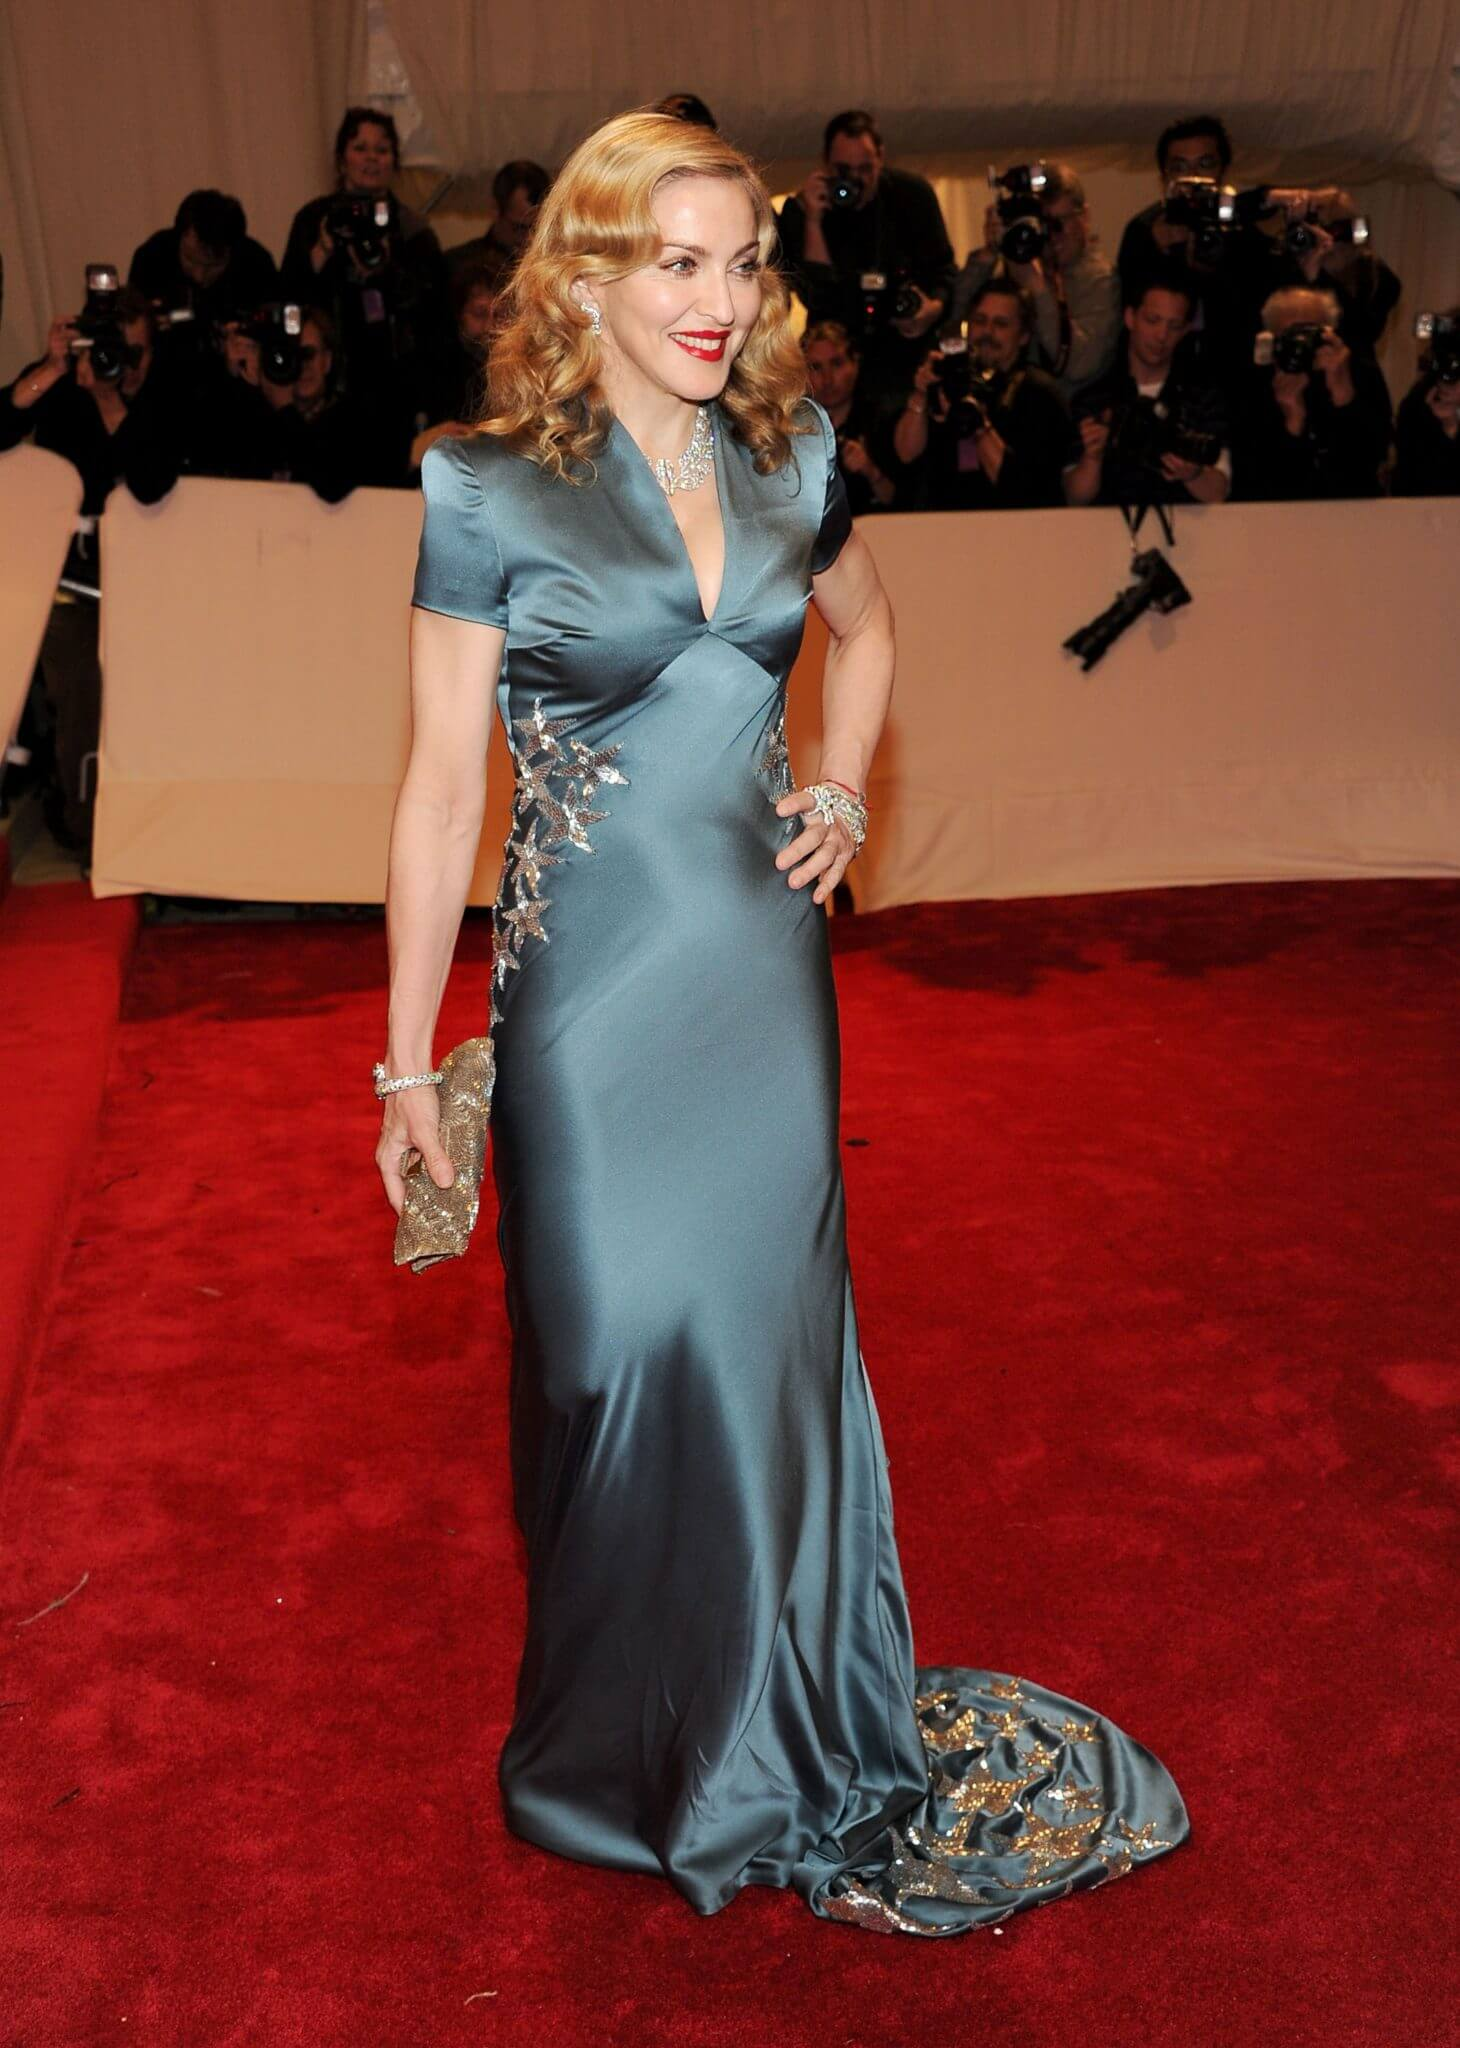 Madonna en la Met Gala del año 2011. Fotografía: Getty Images